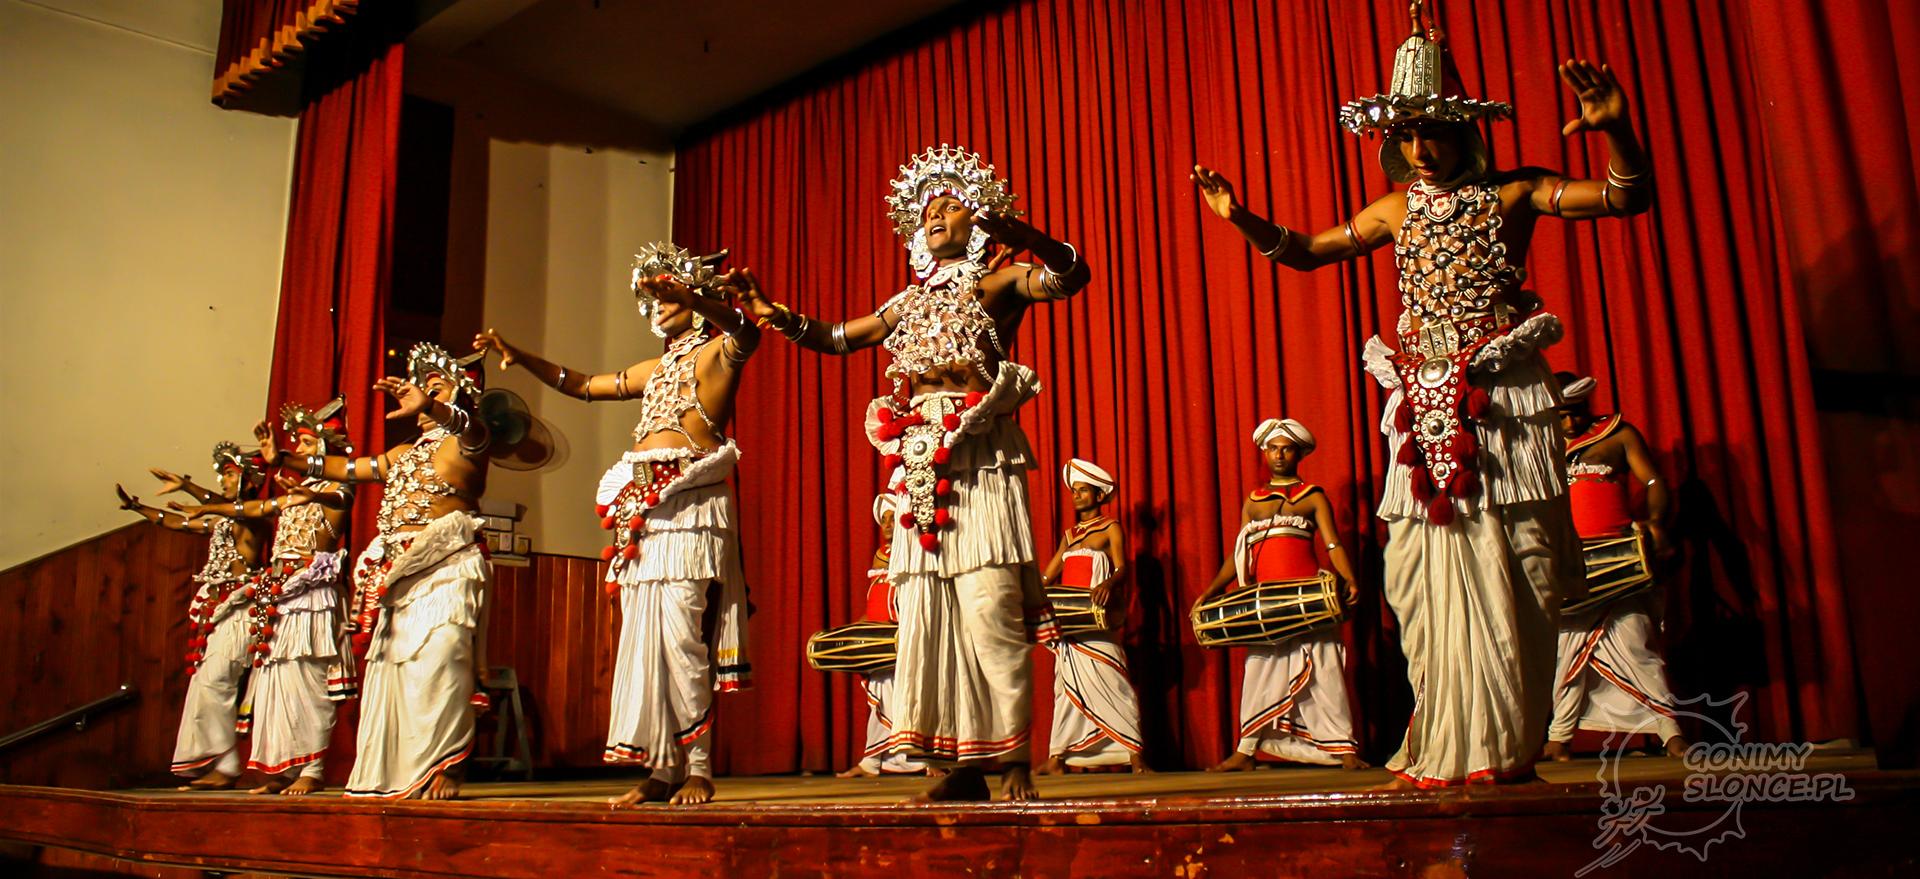 Kandy - tancerze Kandyjscy, Sri Lanka - koncert - przedstawienie